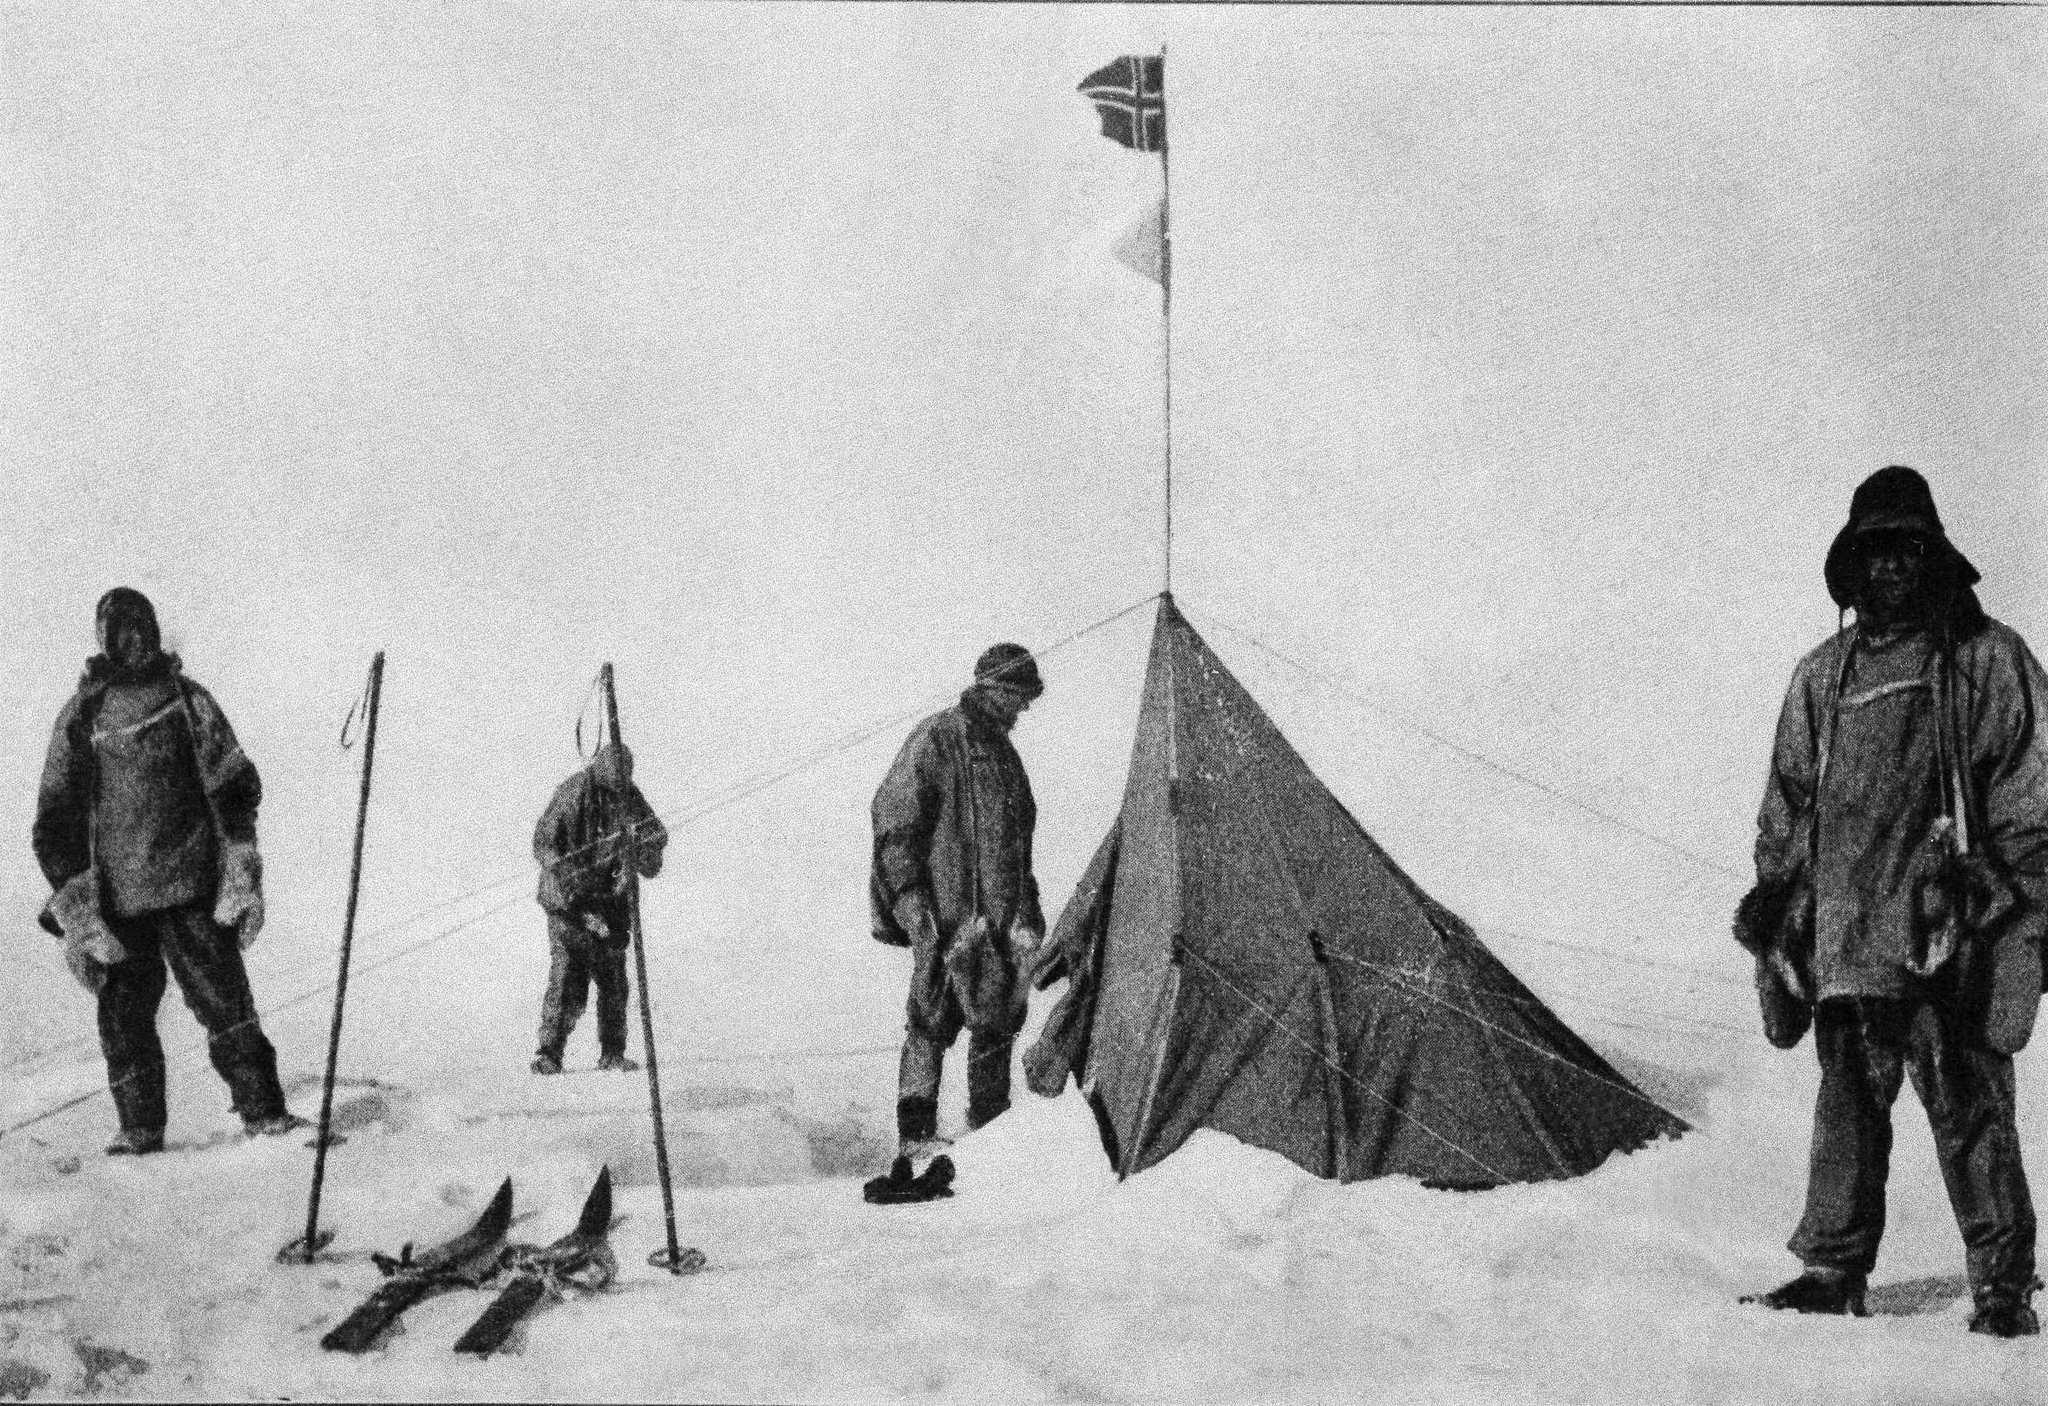 De izquierda a derecha: Robert Falcon Scott, el capitán Lawrence Oates, Edward Adrian Wilson y Edgar Evans, el 18 de enero de 1912.